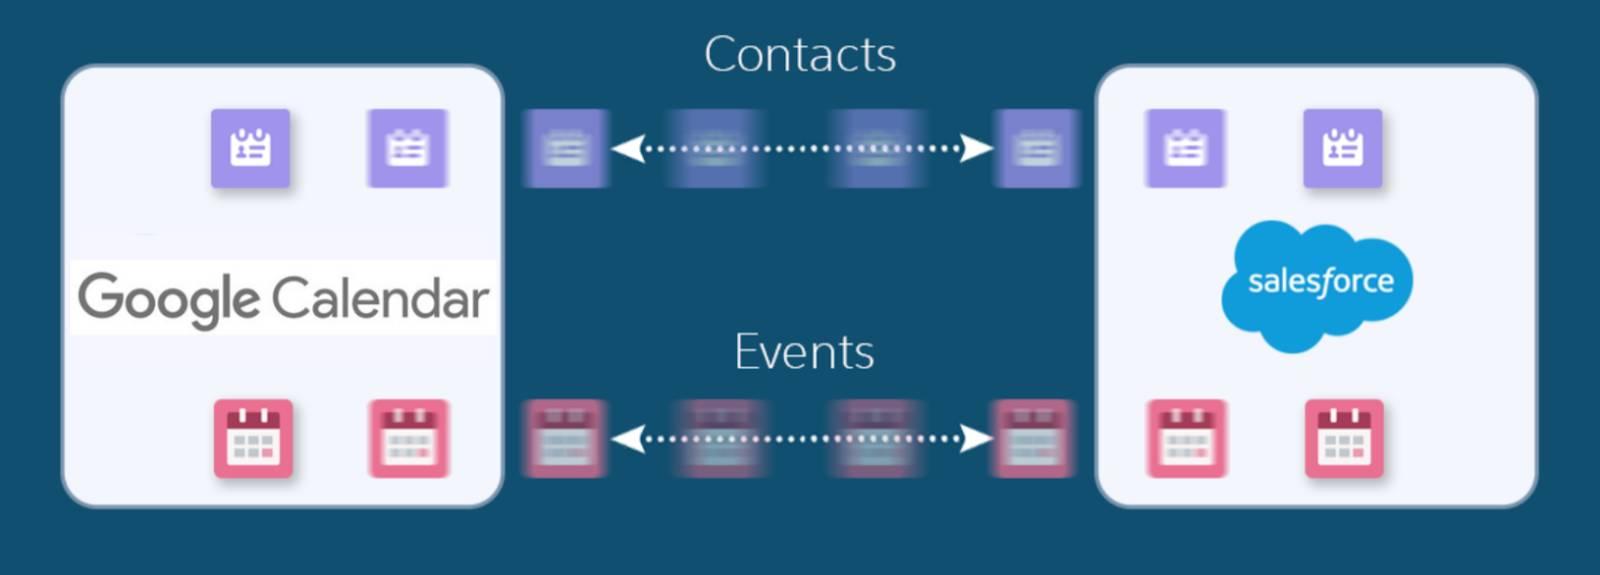 O fluxo de dados entre o Calendário e o Salesforce é bidirecional para contatos e eventos.